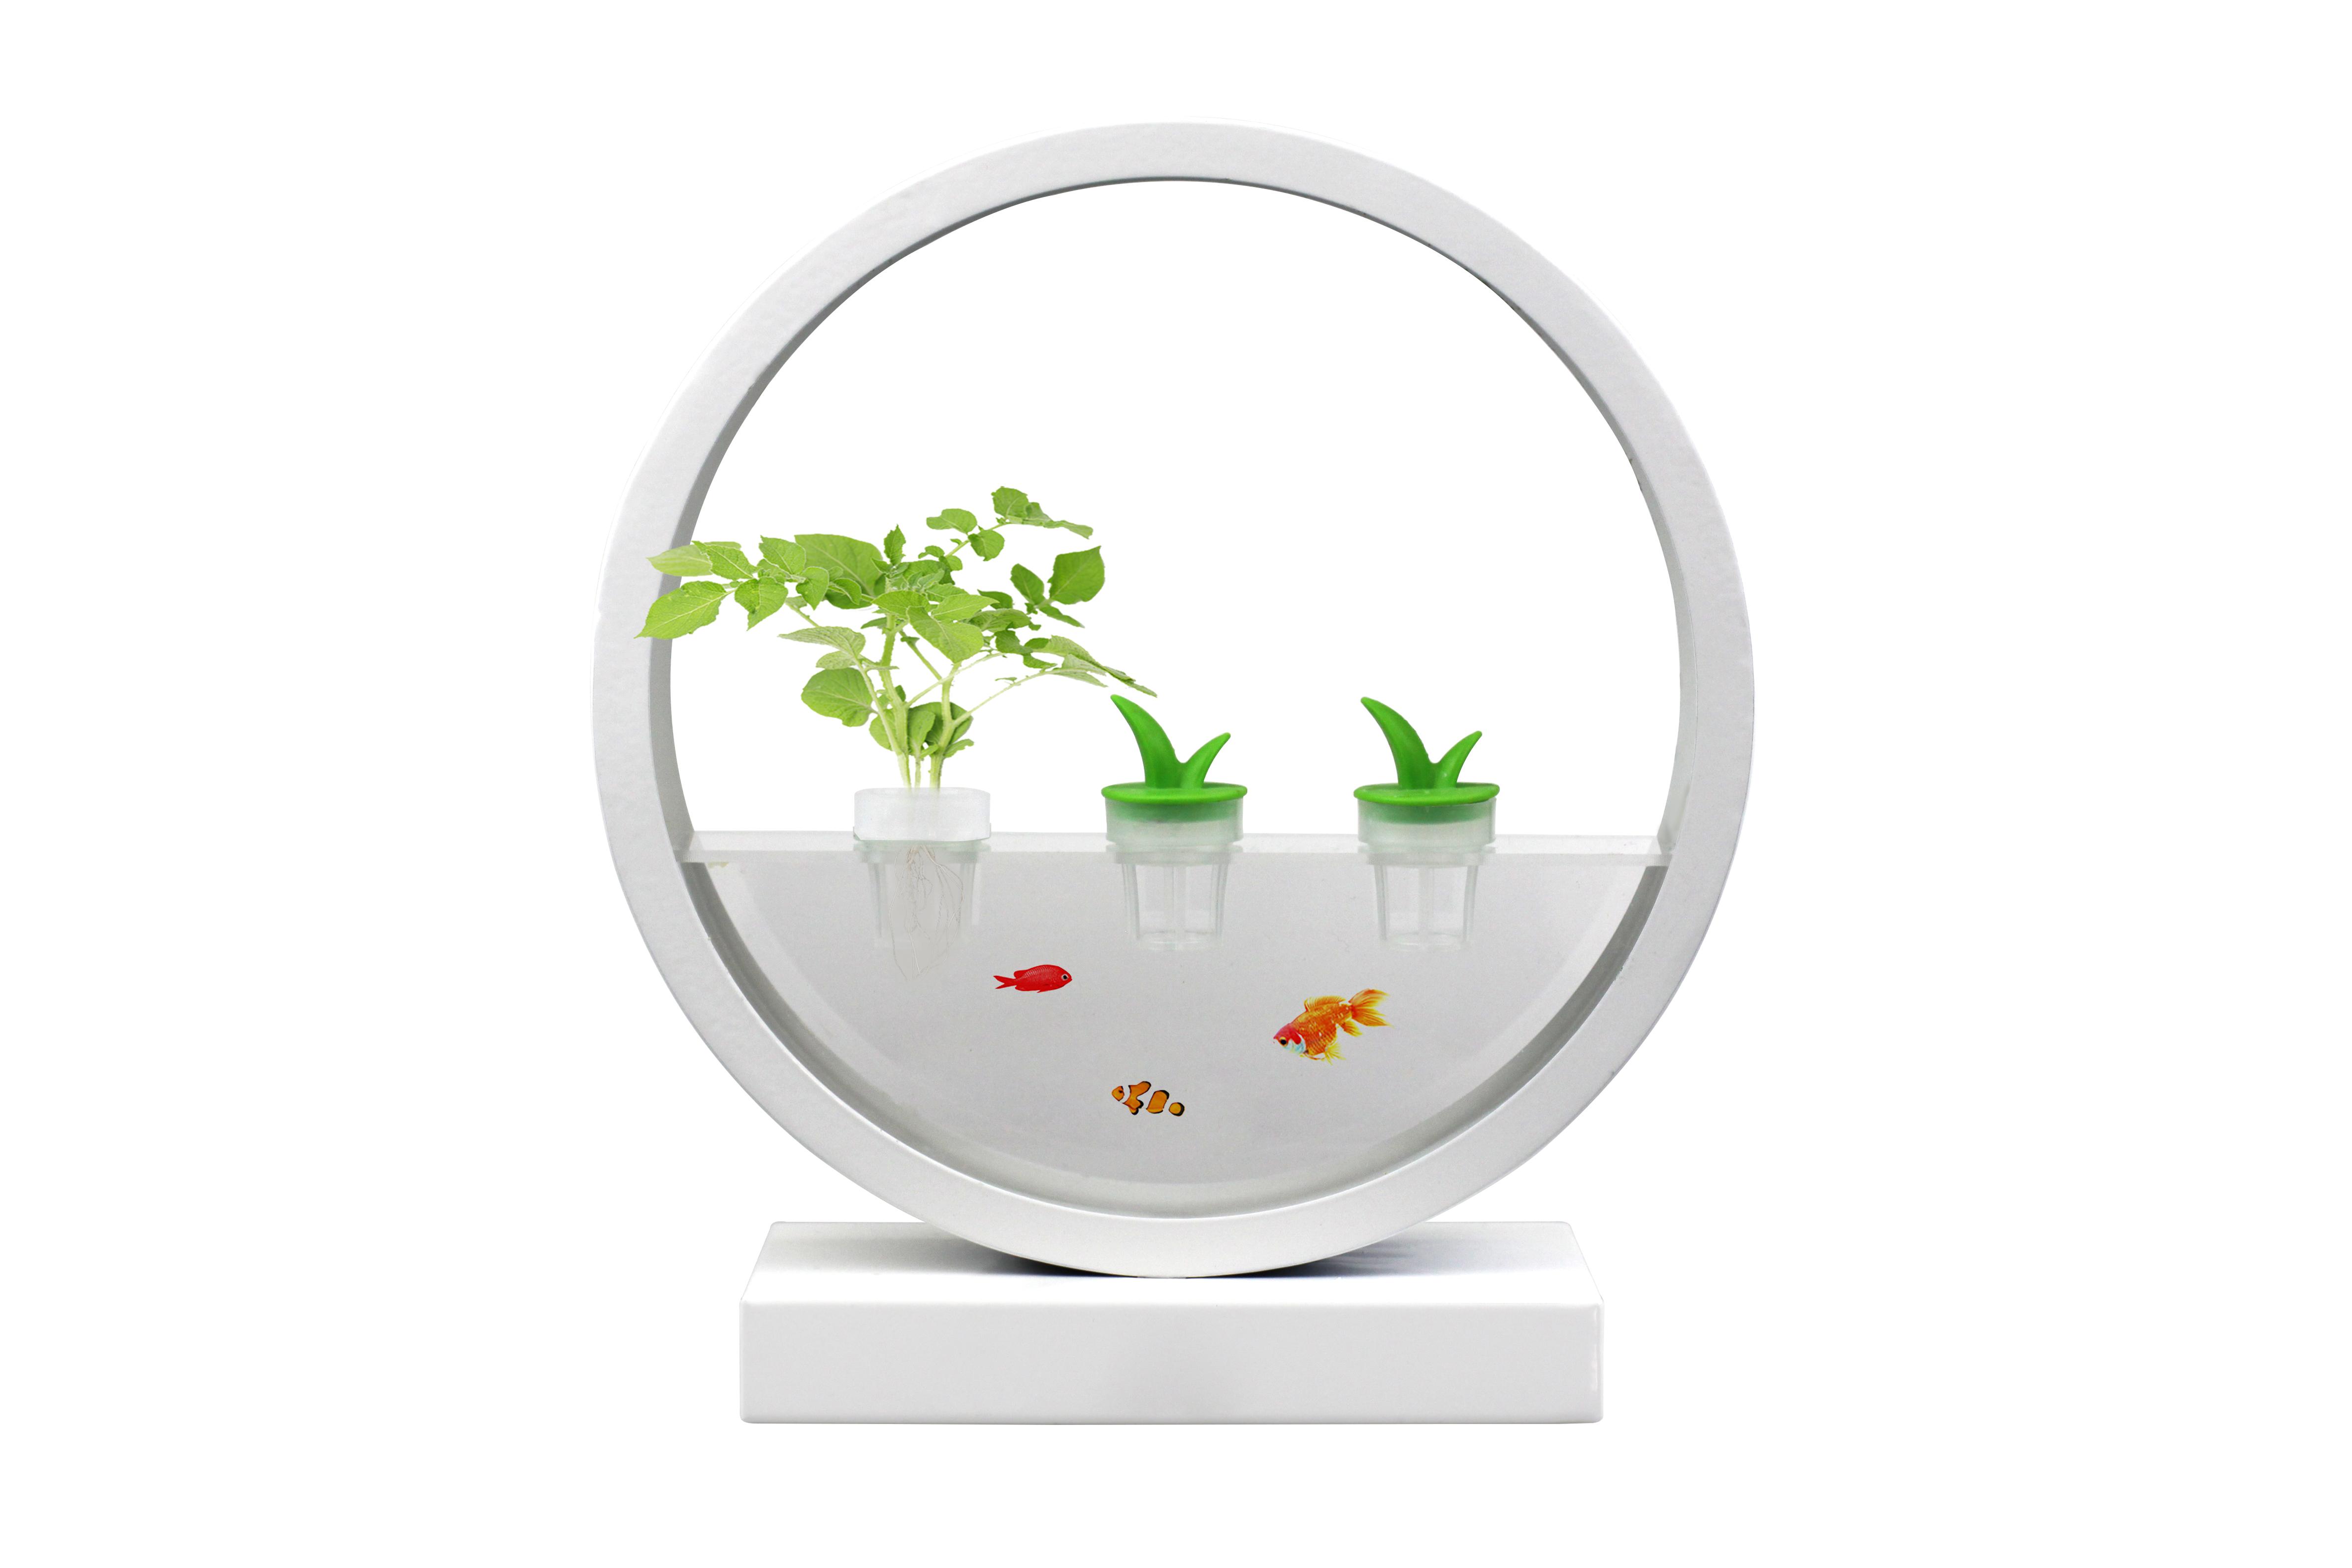 VegeBOX Fish Round Vegebox planting machine with EU plug, white